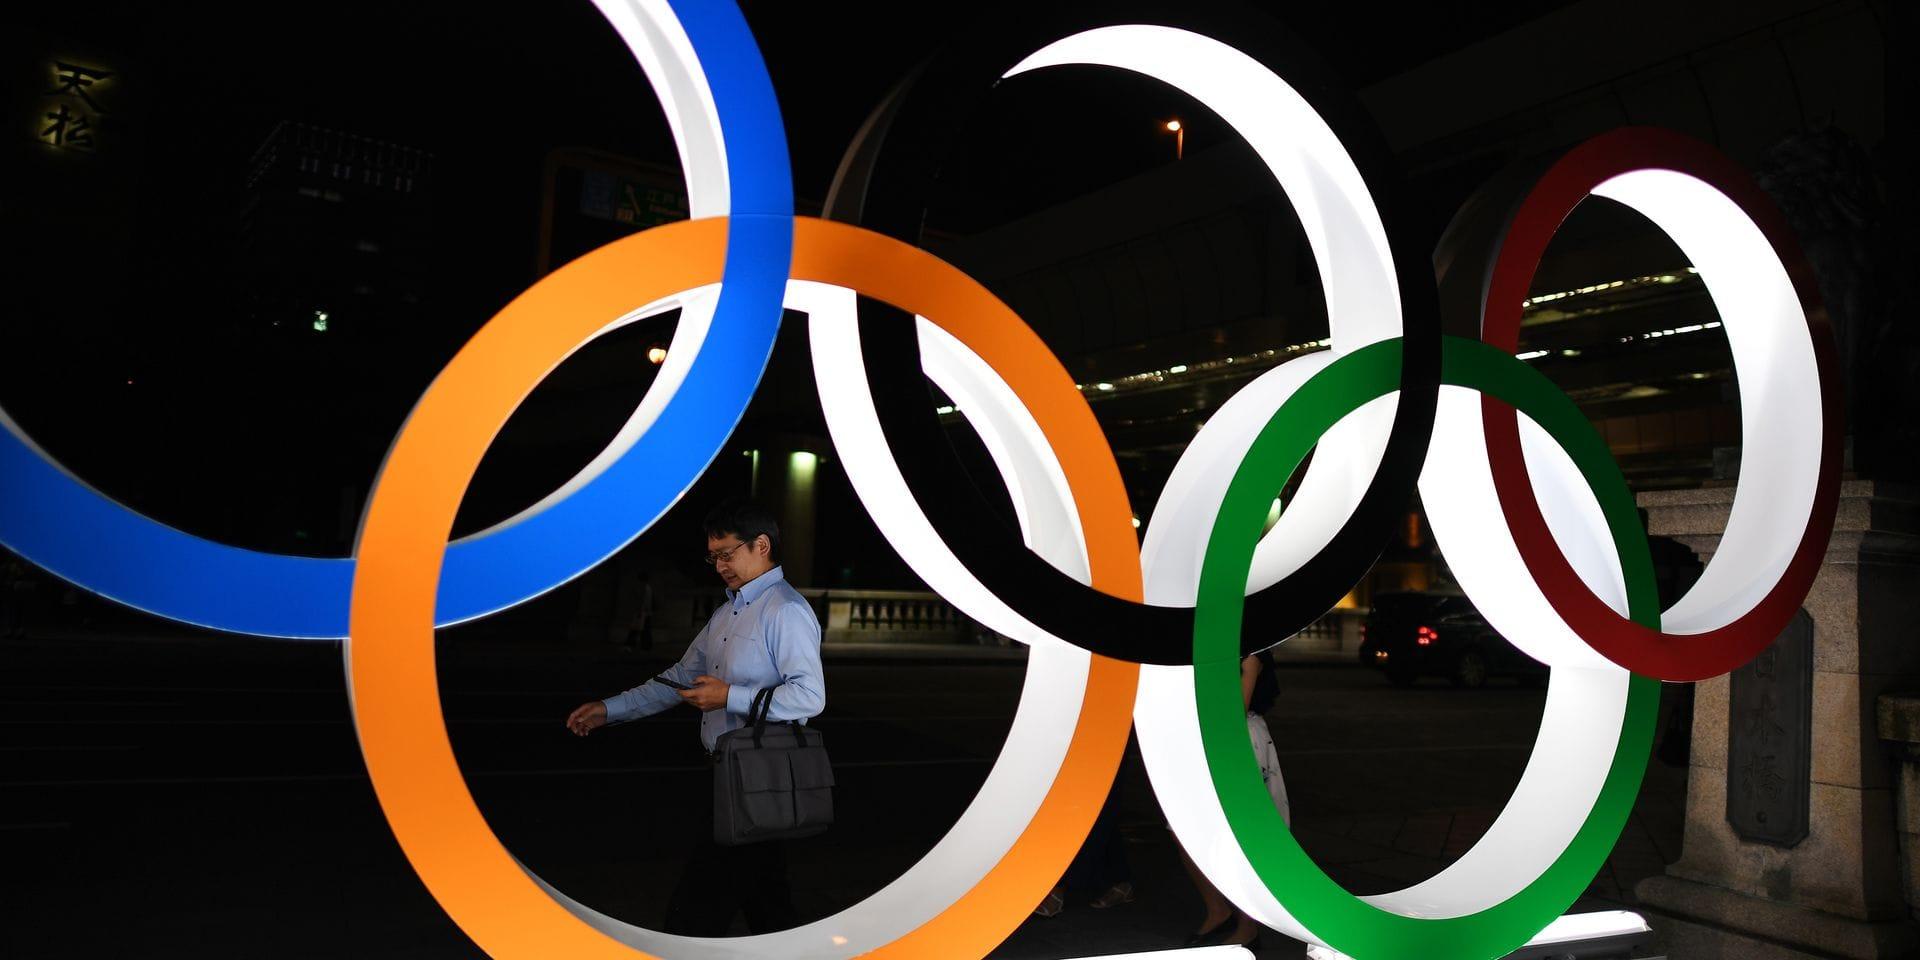 Les médailles pour les Jeux Olympiques de Tokyo enfin dévoilées